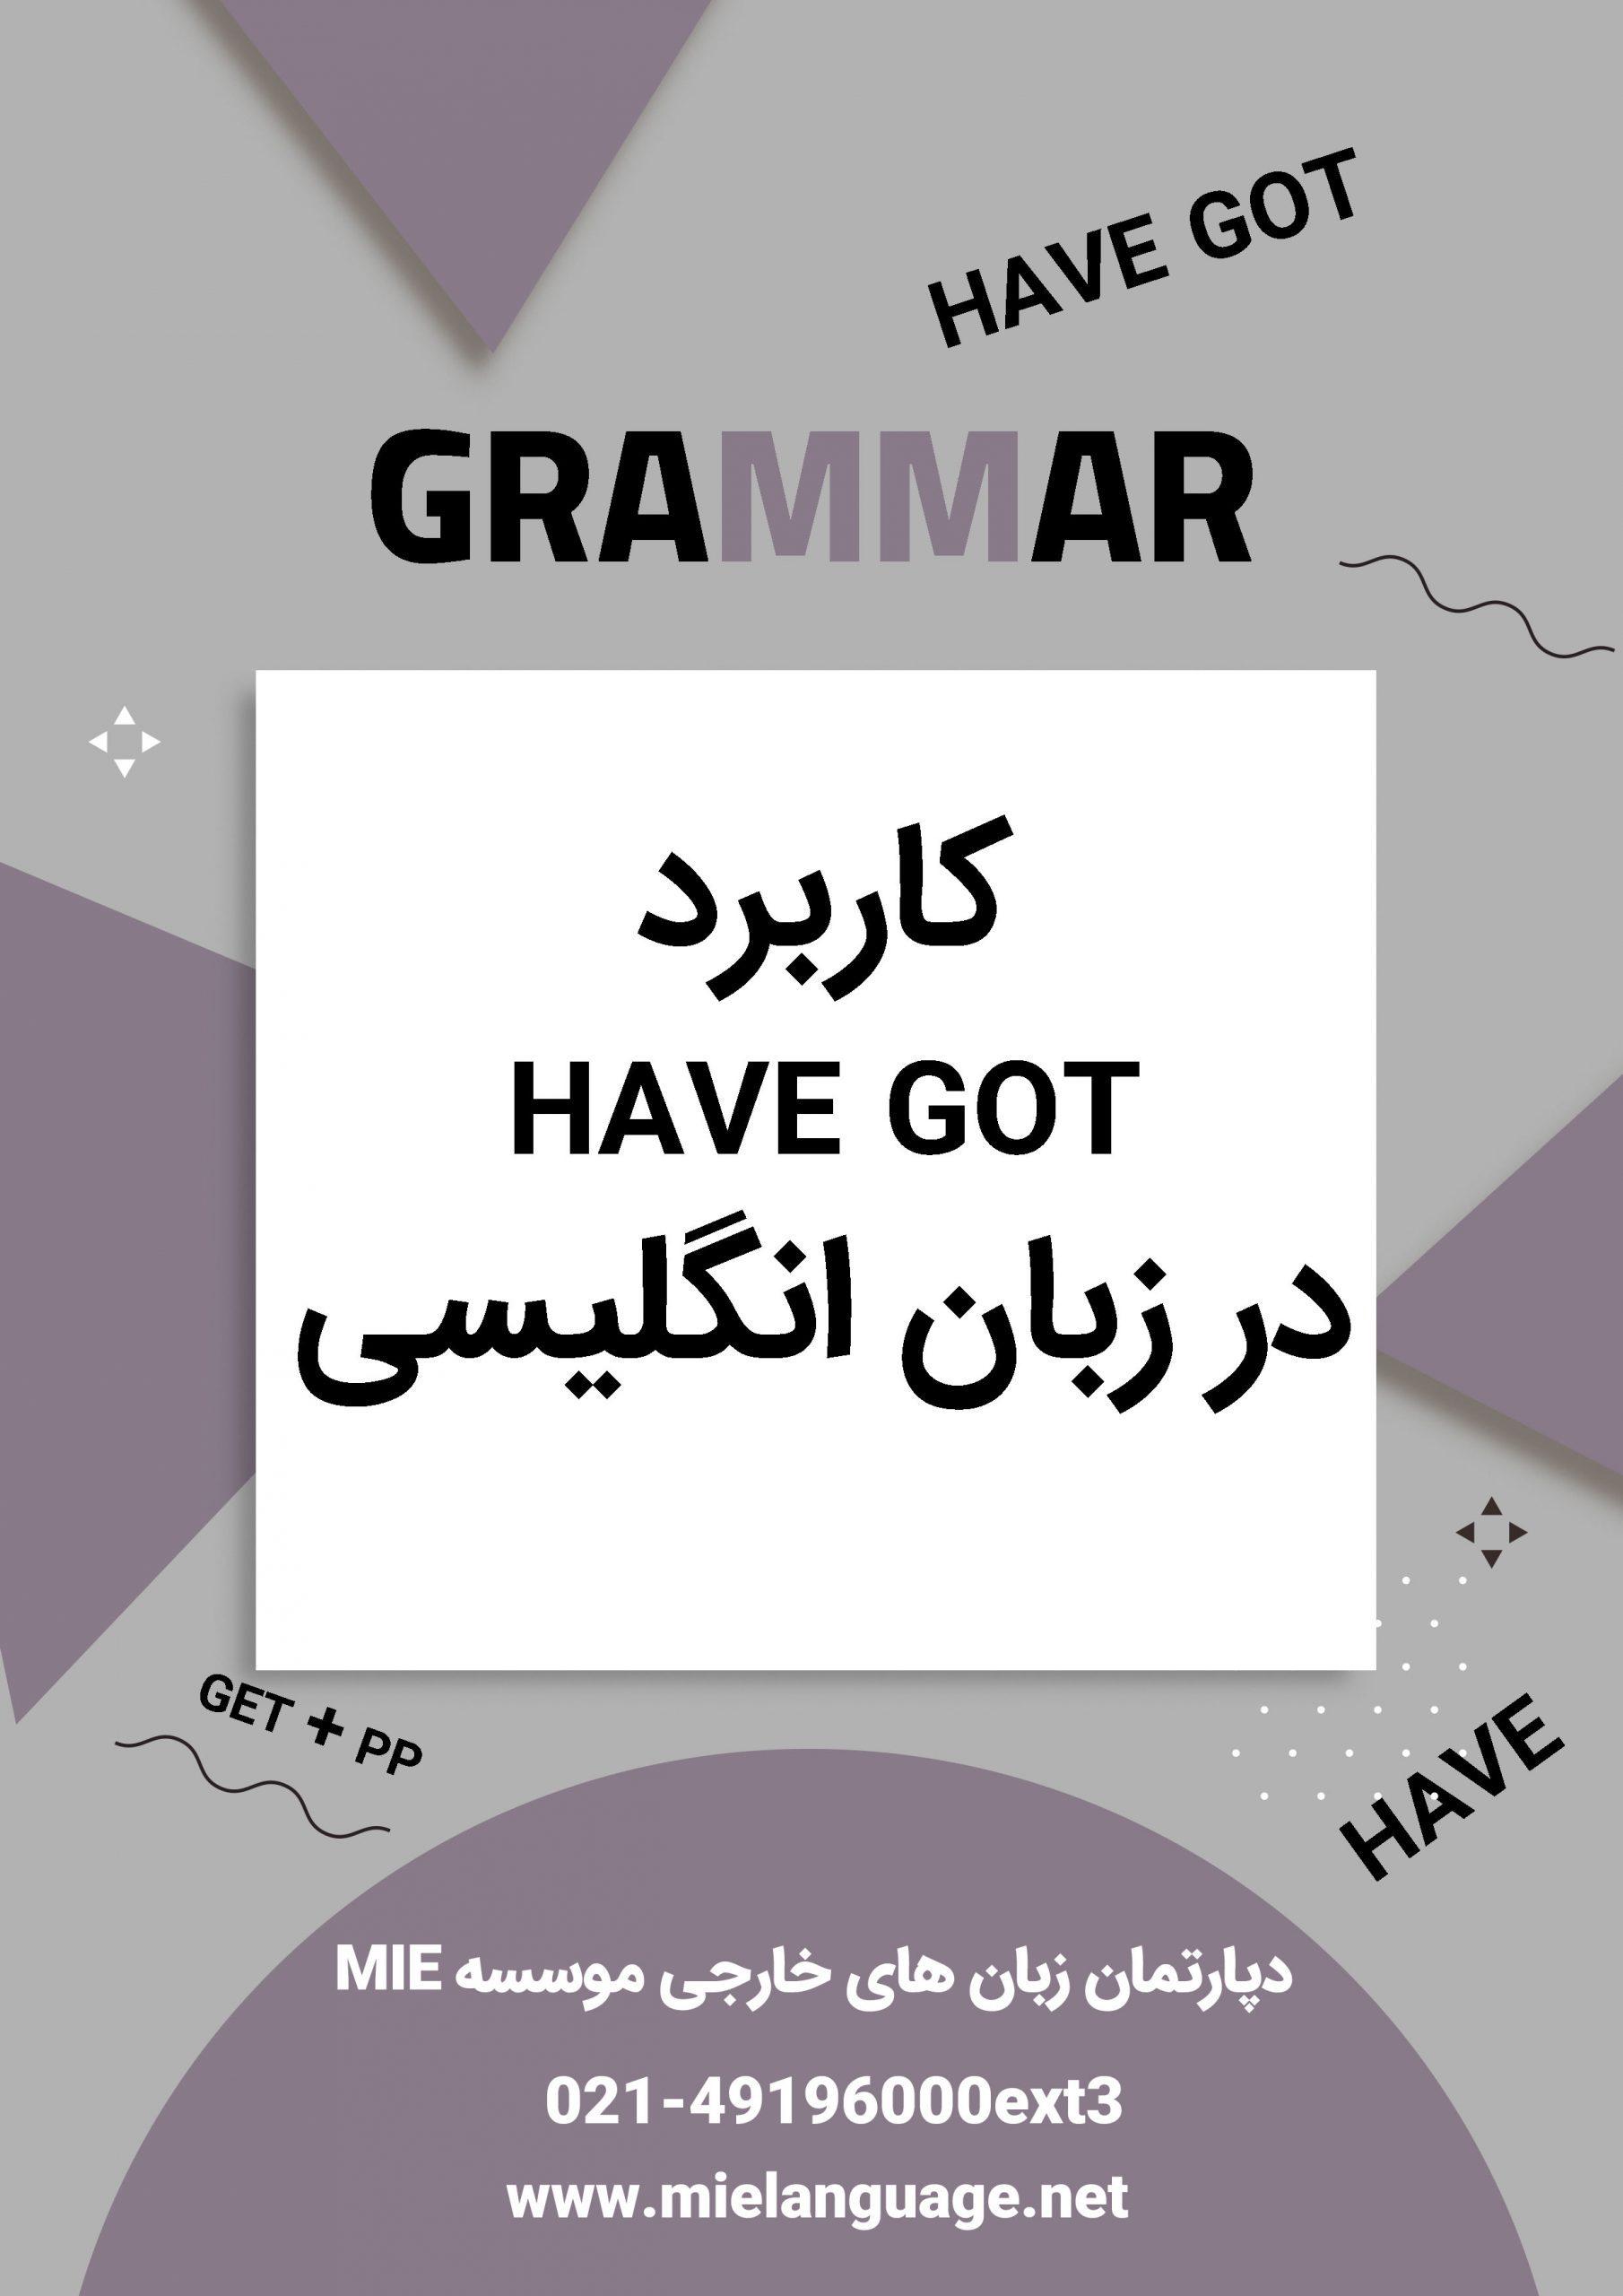 کاربرد have got در زبان انگلیسی